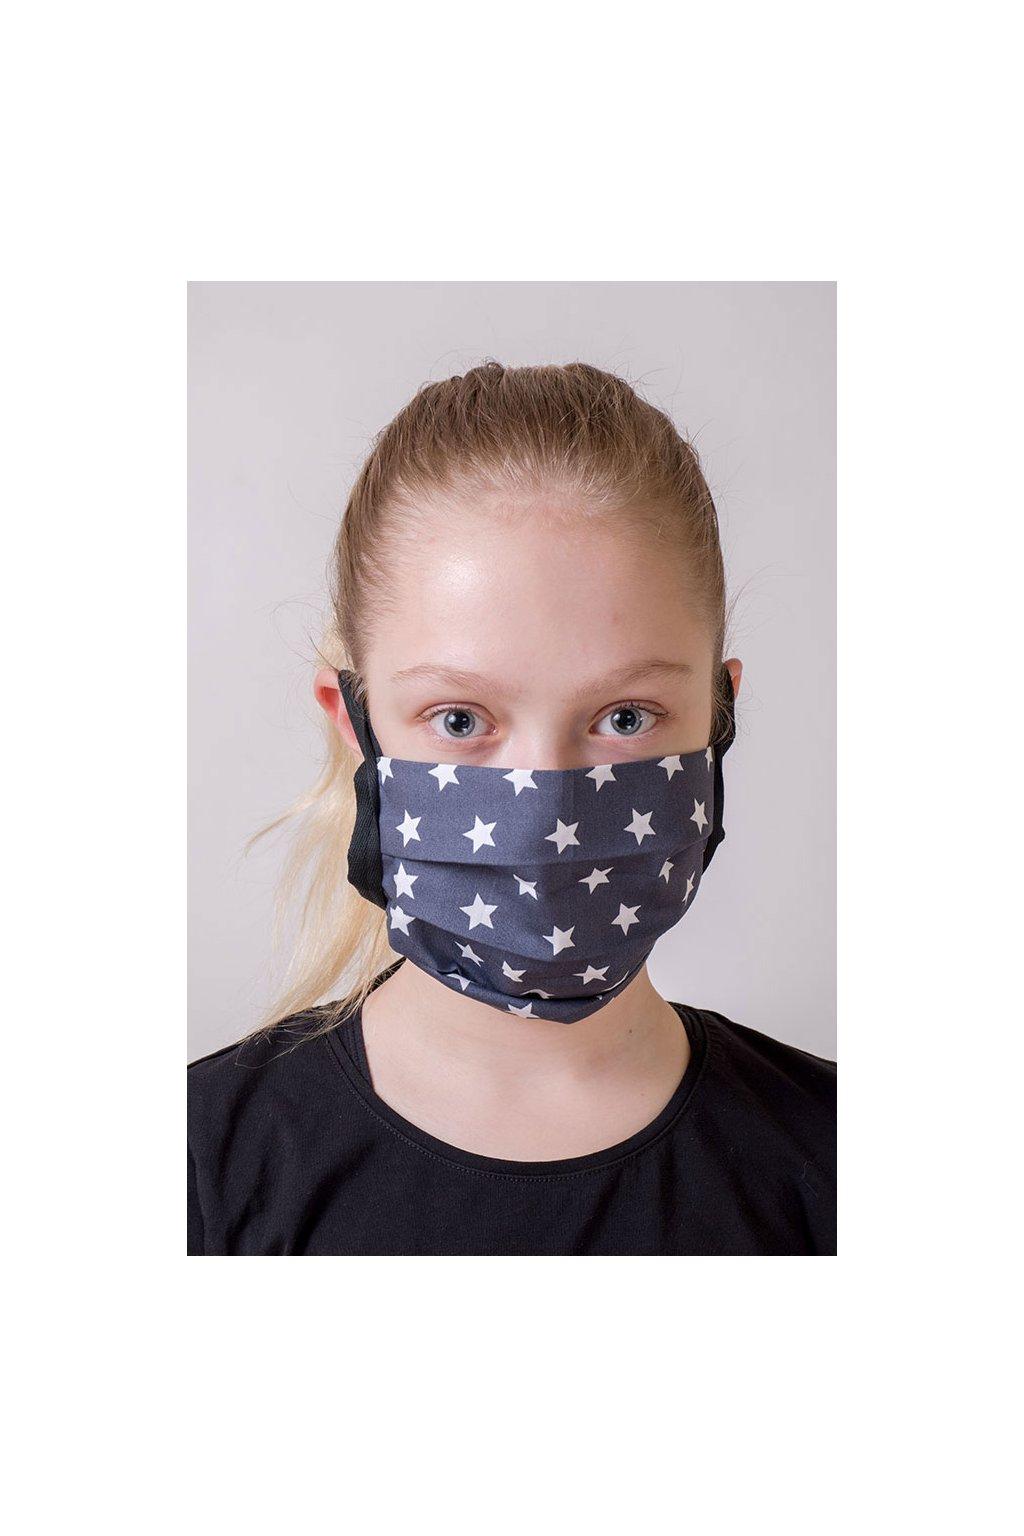 Dětská bavlněná rouška na ústa a nos dvouvrstvá skládaná s kapsou, šňůry z keprové stuhy, 787-206, Šedá s hvězdami